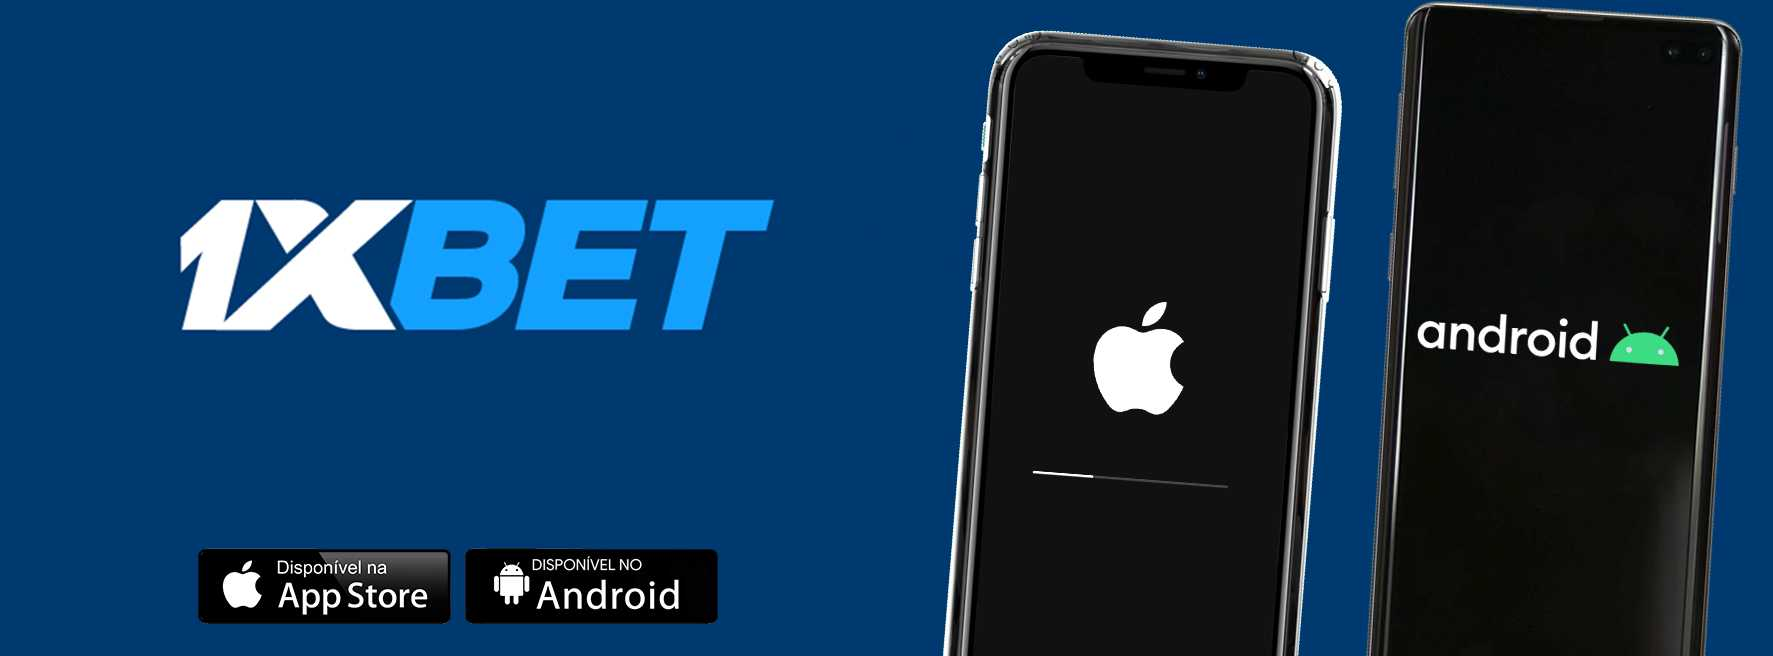 1xBet app on iOS